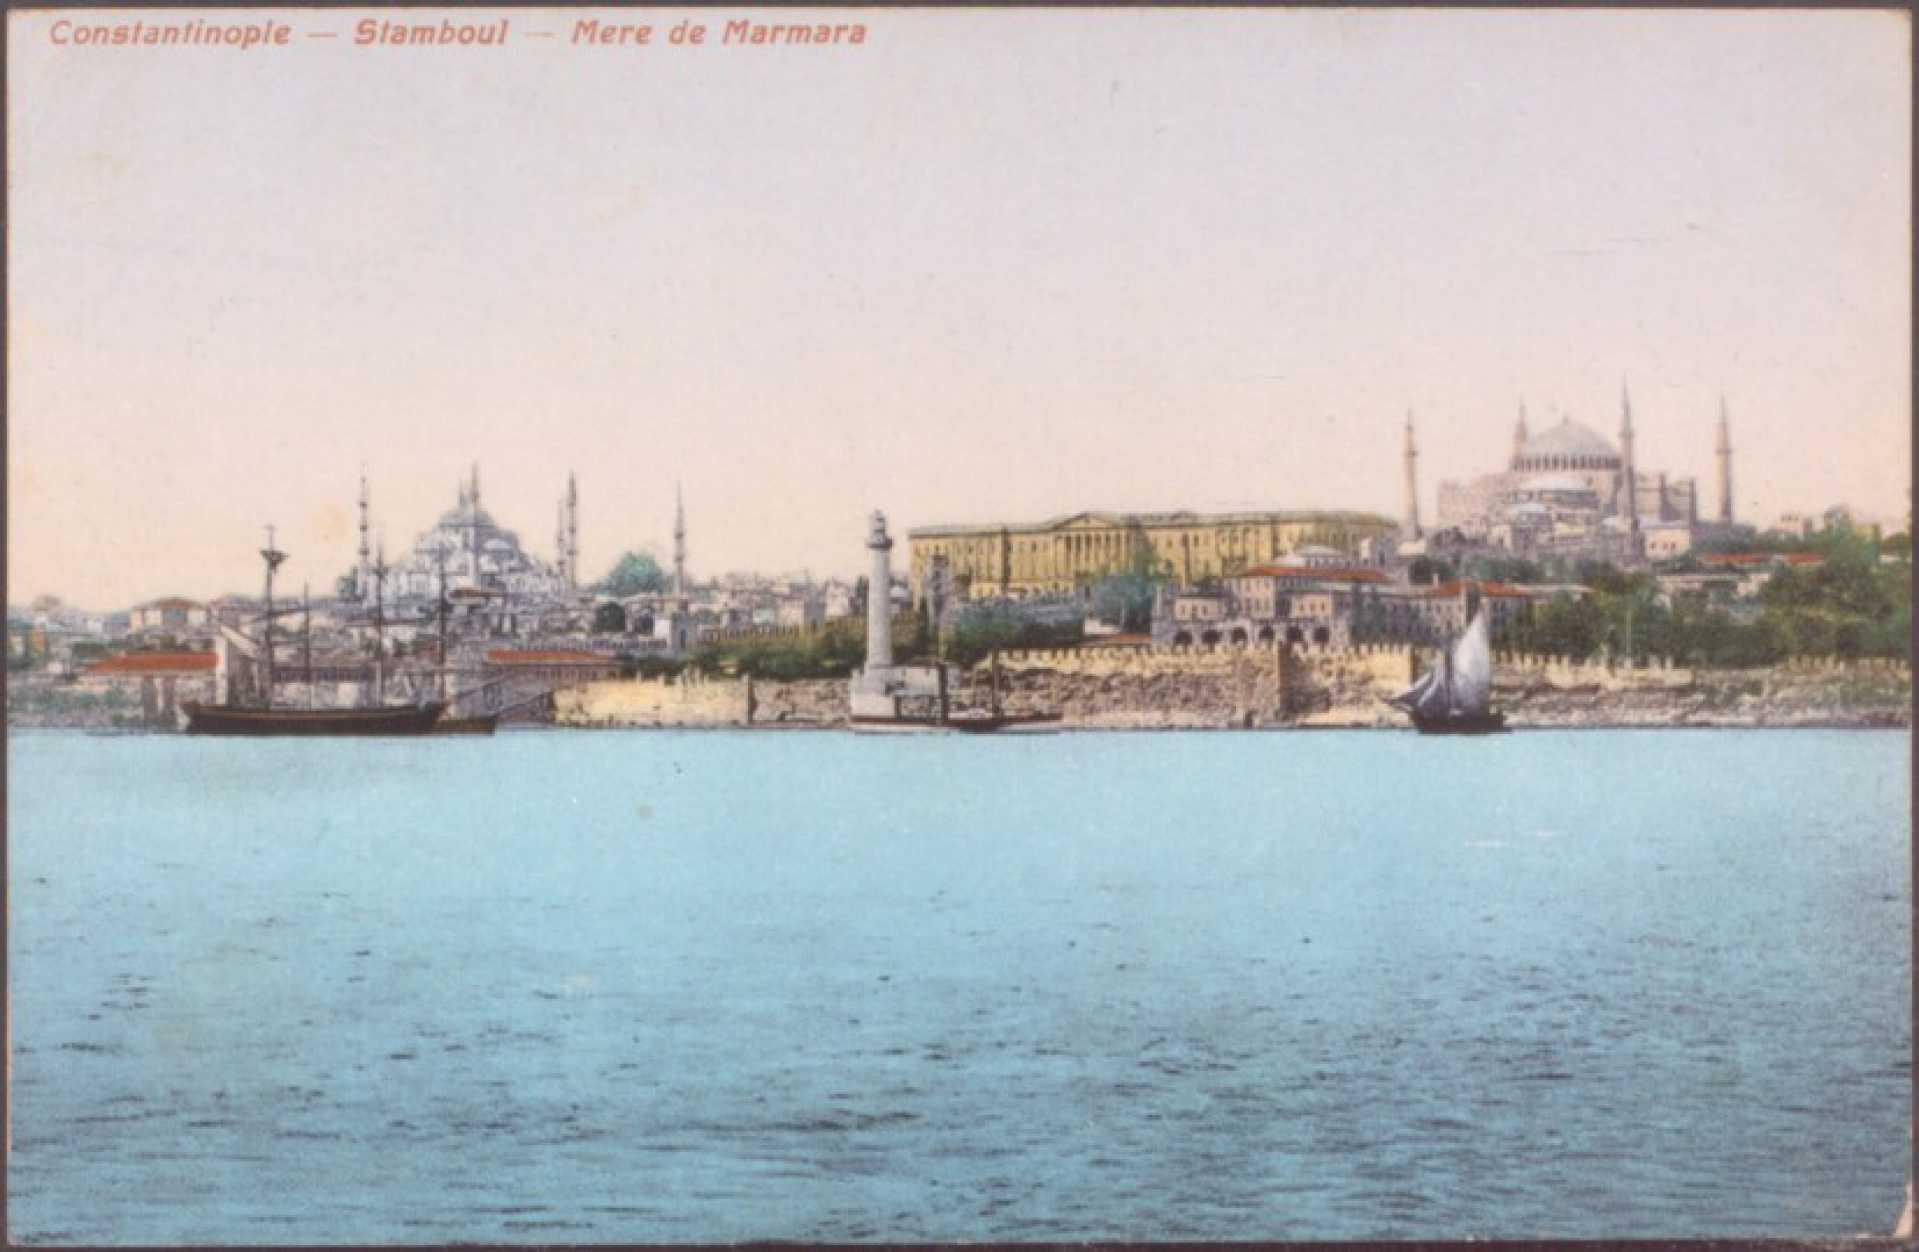 Mere de Marmara